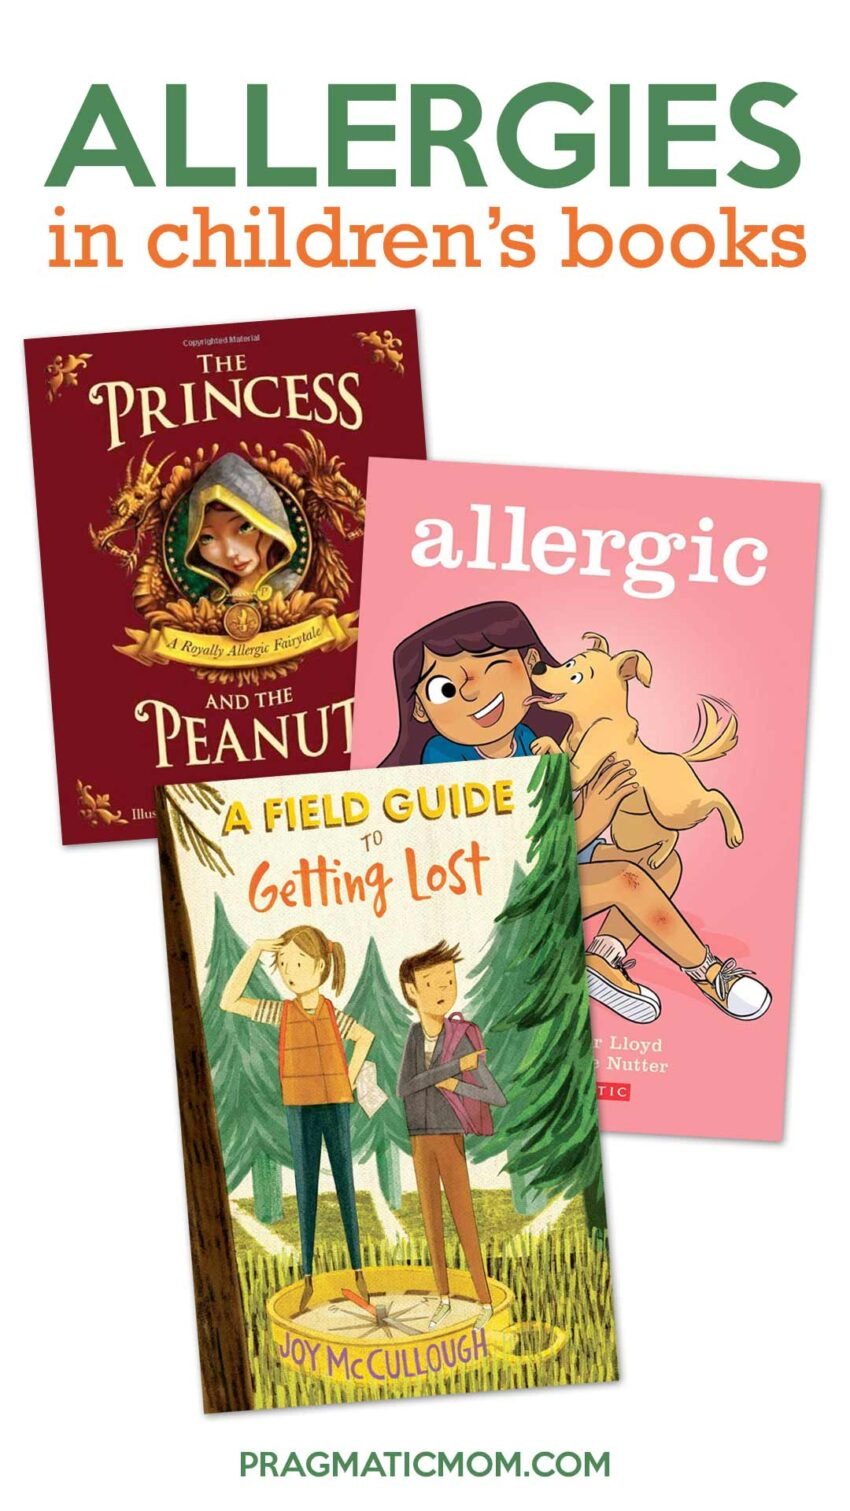 Allergies in Children's Books